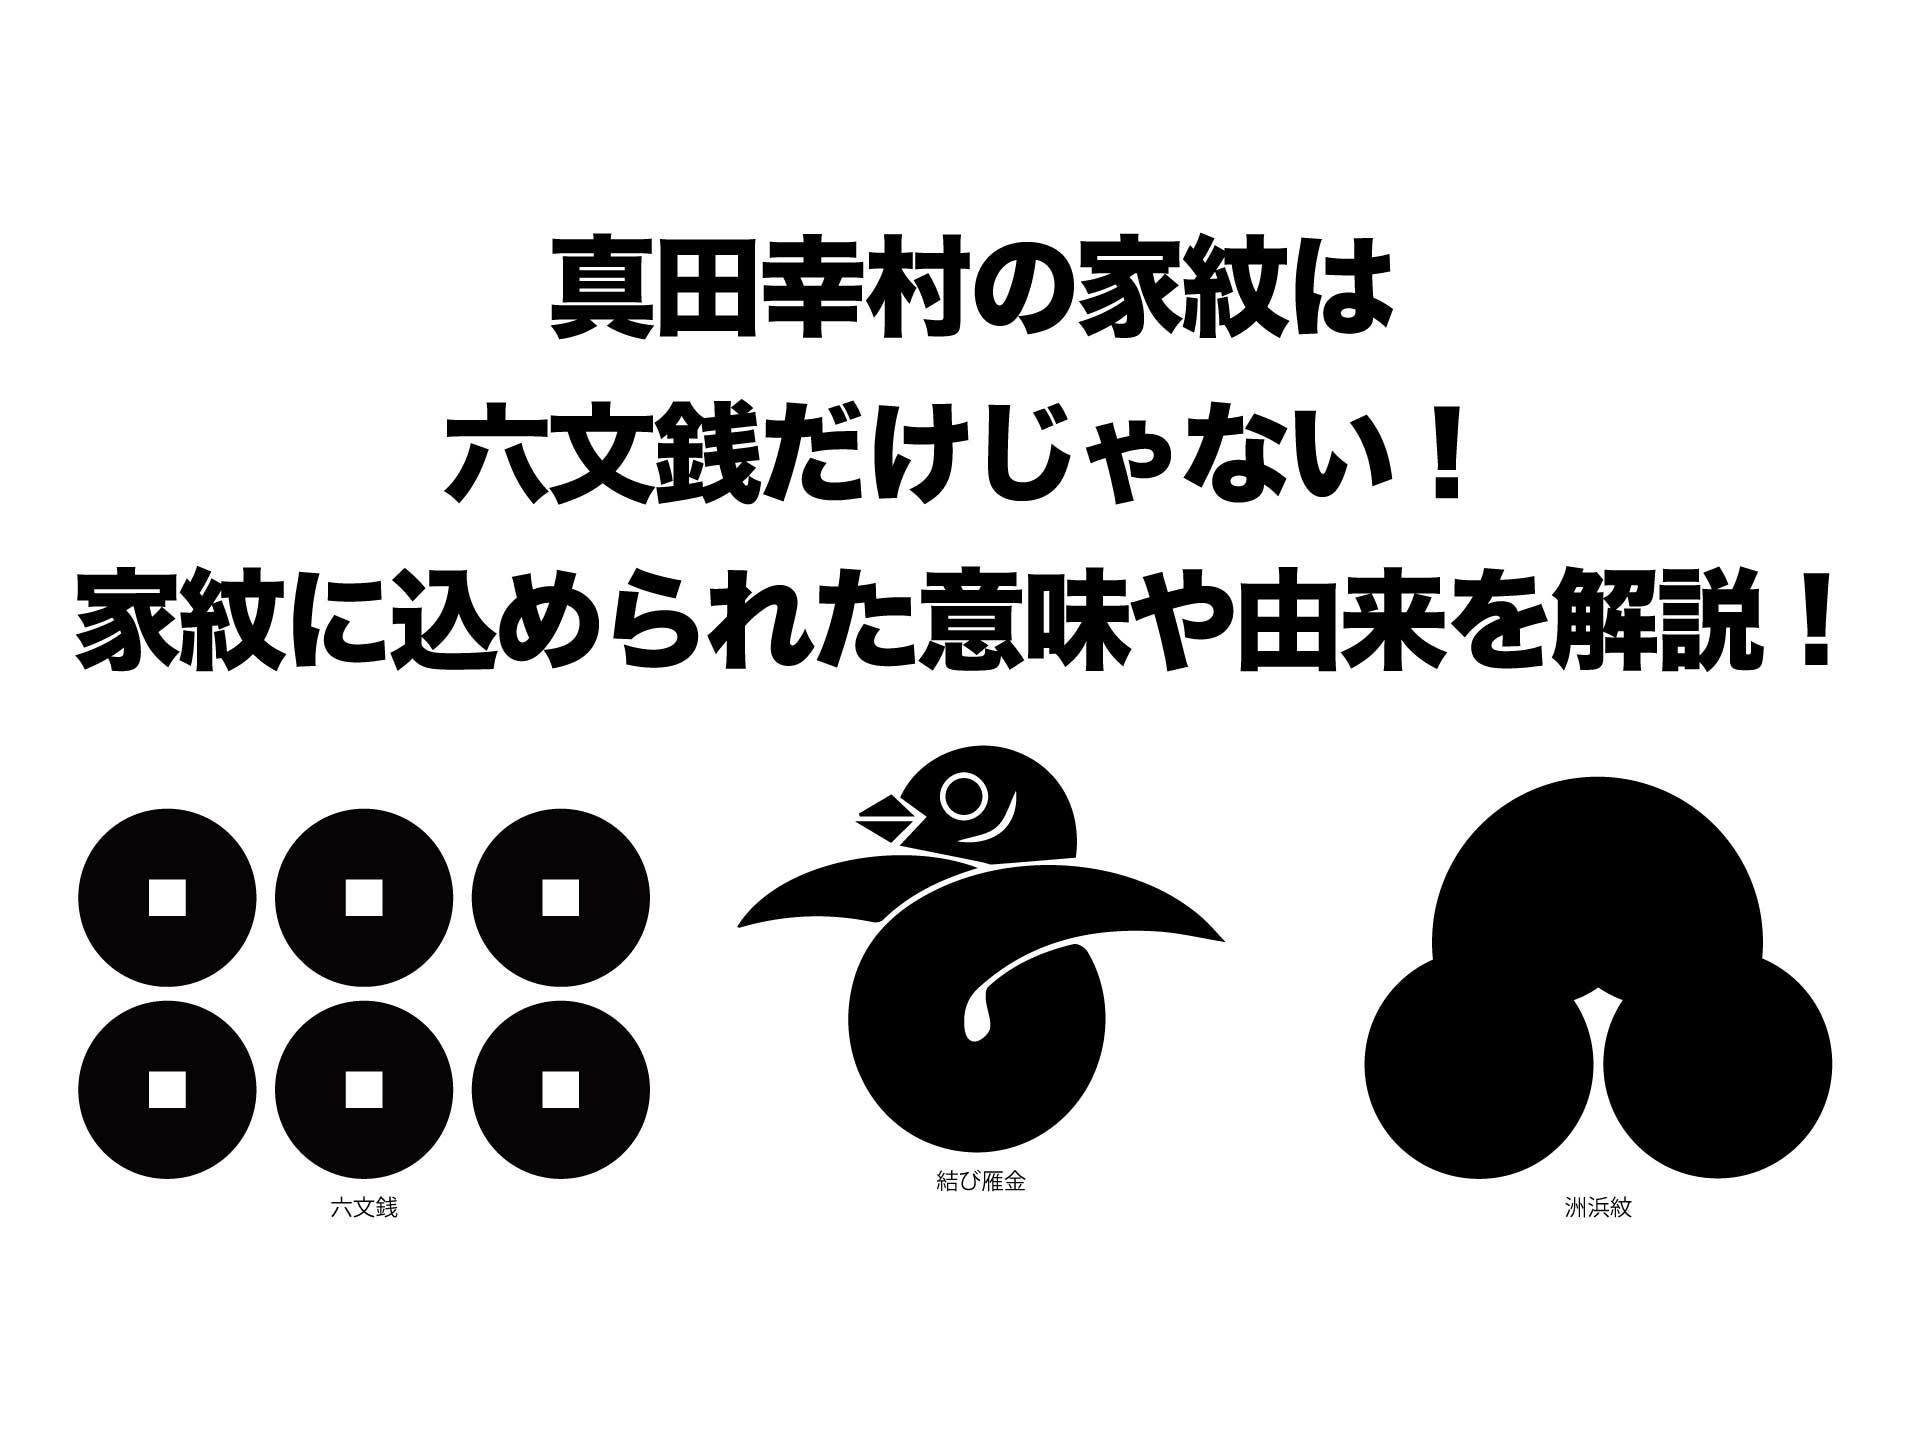 真田幸村の家紋は六文銭だけじゃない!家紋に込められた意味や由来を解説!